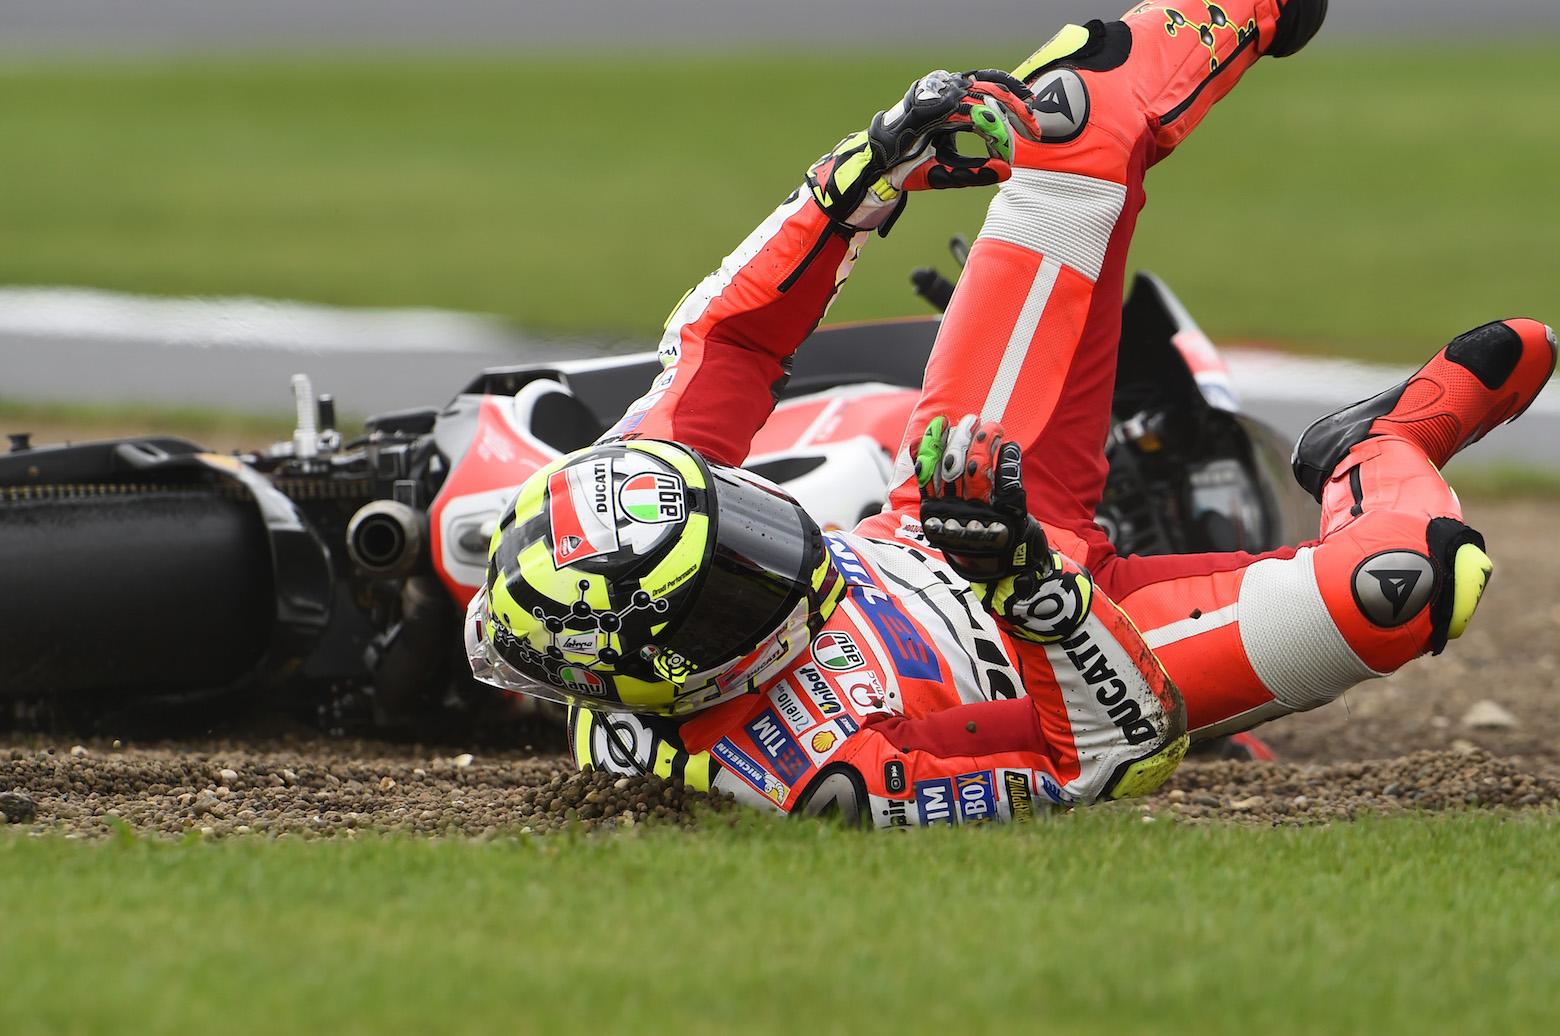 Andrea Iannone se fractura la vértebra D3 y no participará en Misano